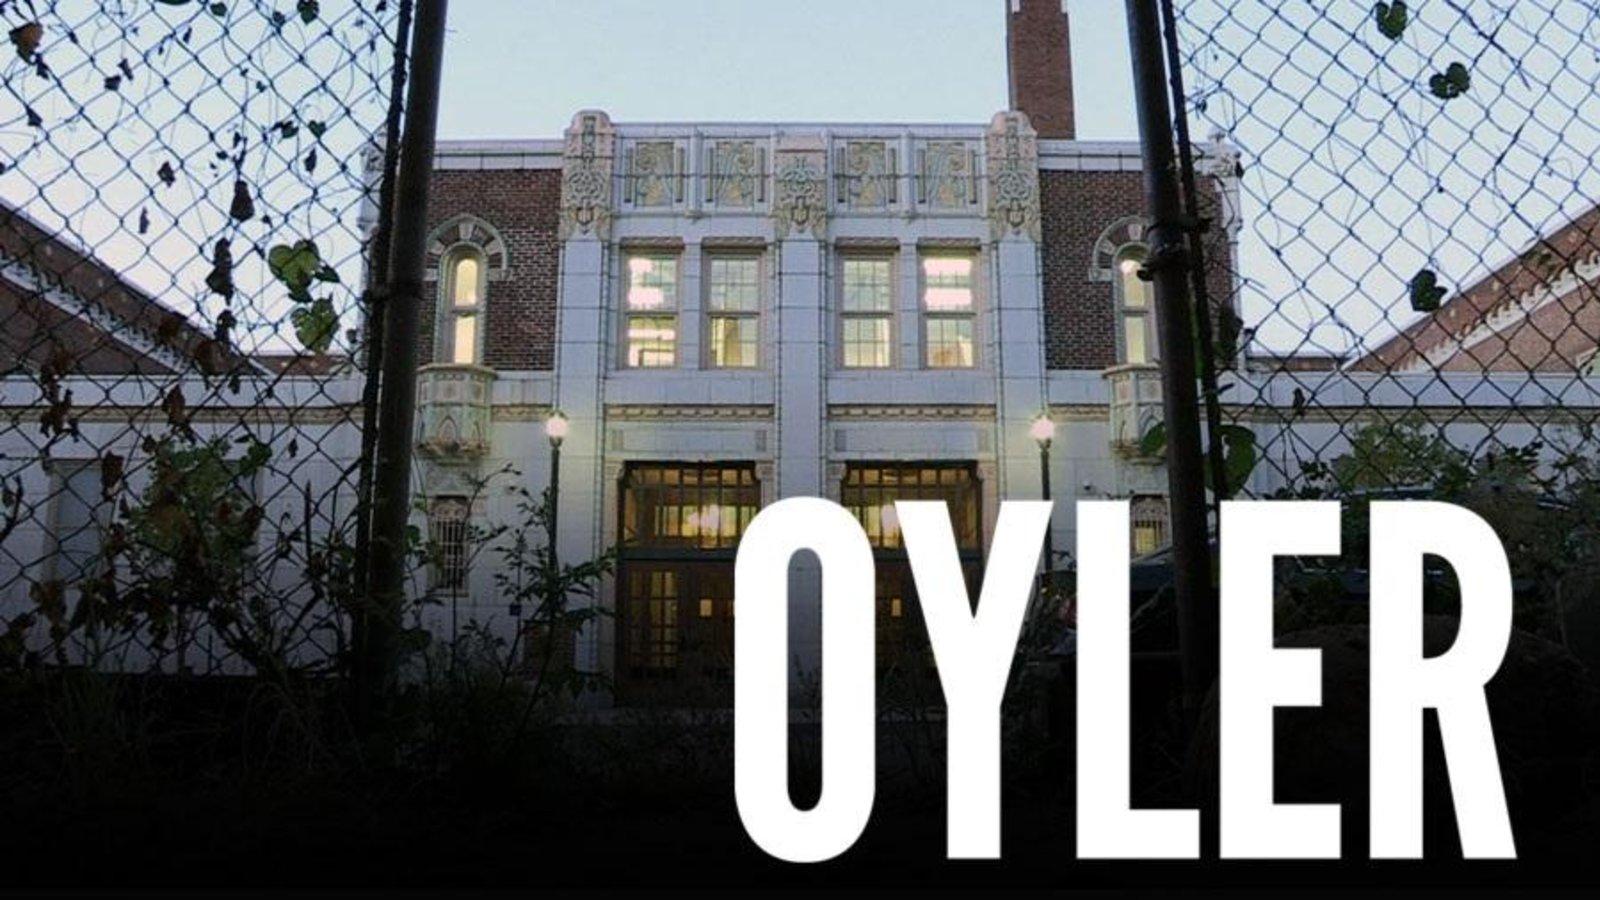 Oyler: One School, One Year